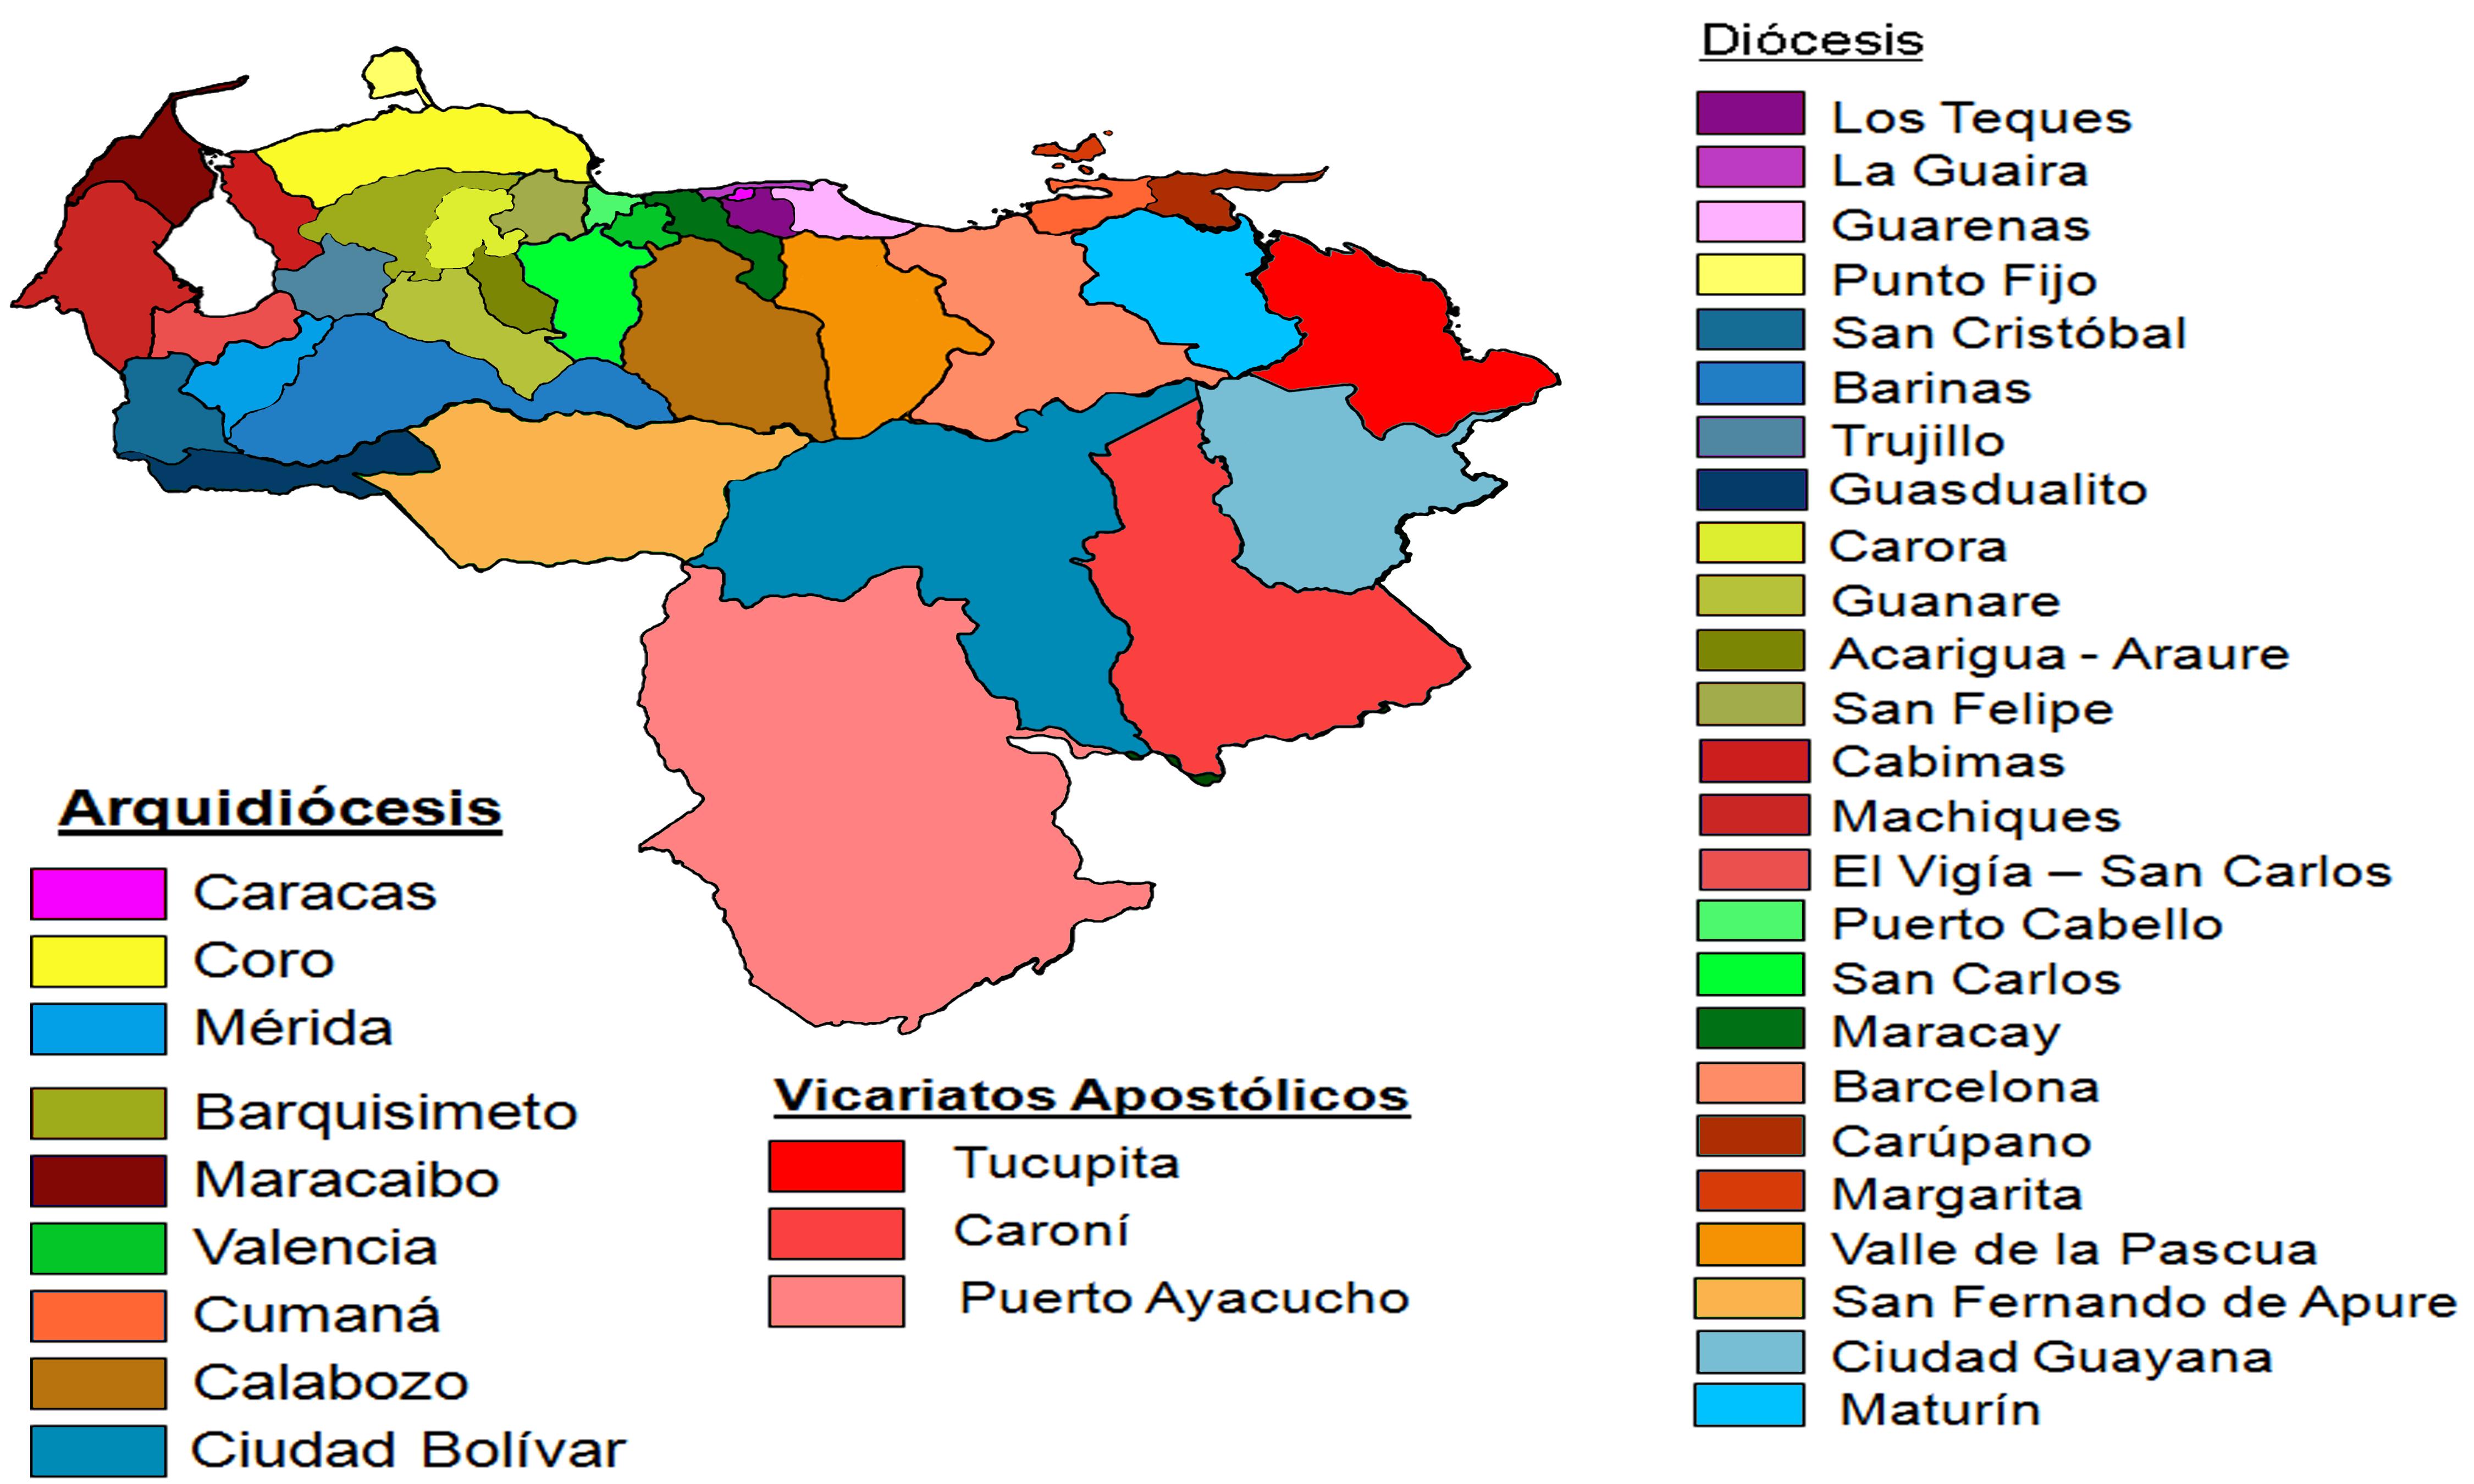 venezuela mapa Archivo:Mapa de Arquidiócesis y Diócesis de Venezuela.png  venezuela mapa